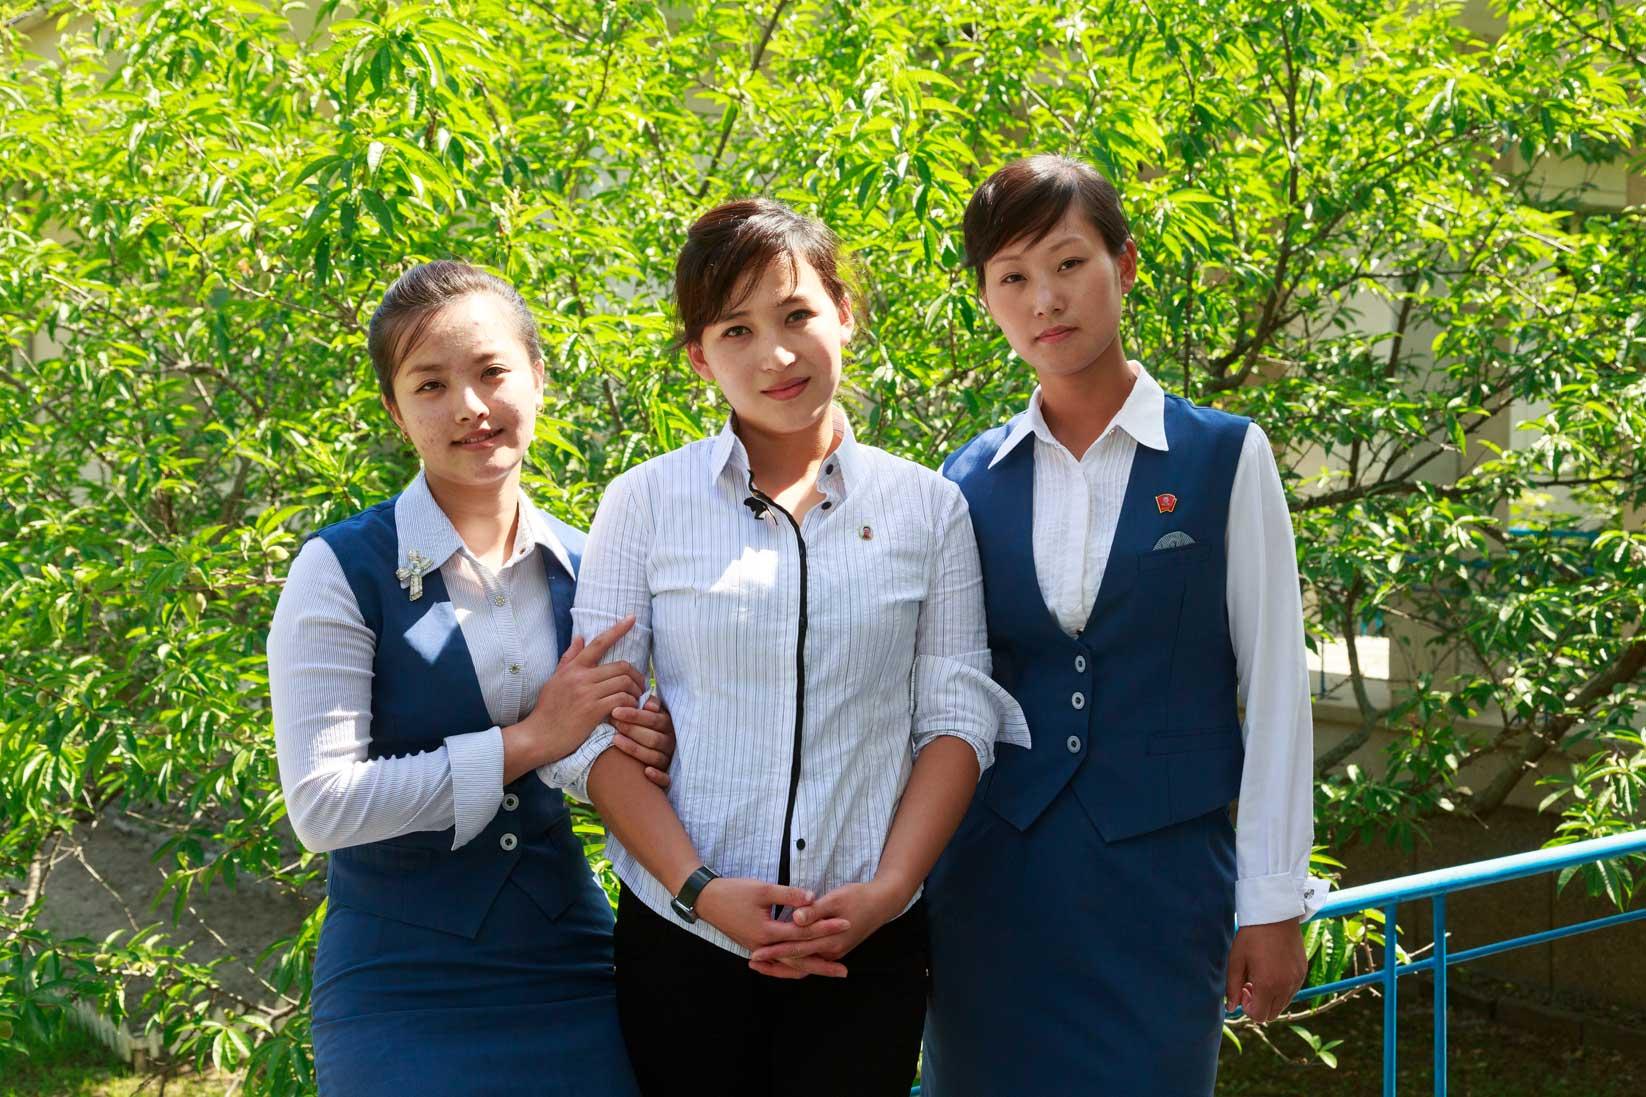 2014年版 北朝鮮のグルメ5泊6日のすべて【中編】_b0235153_18545075.jpg